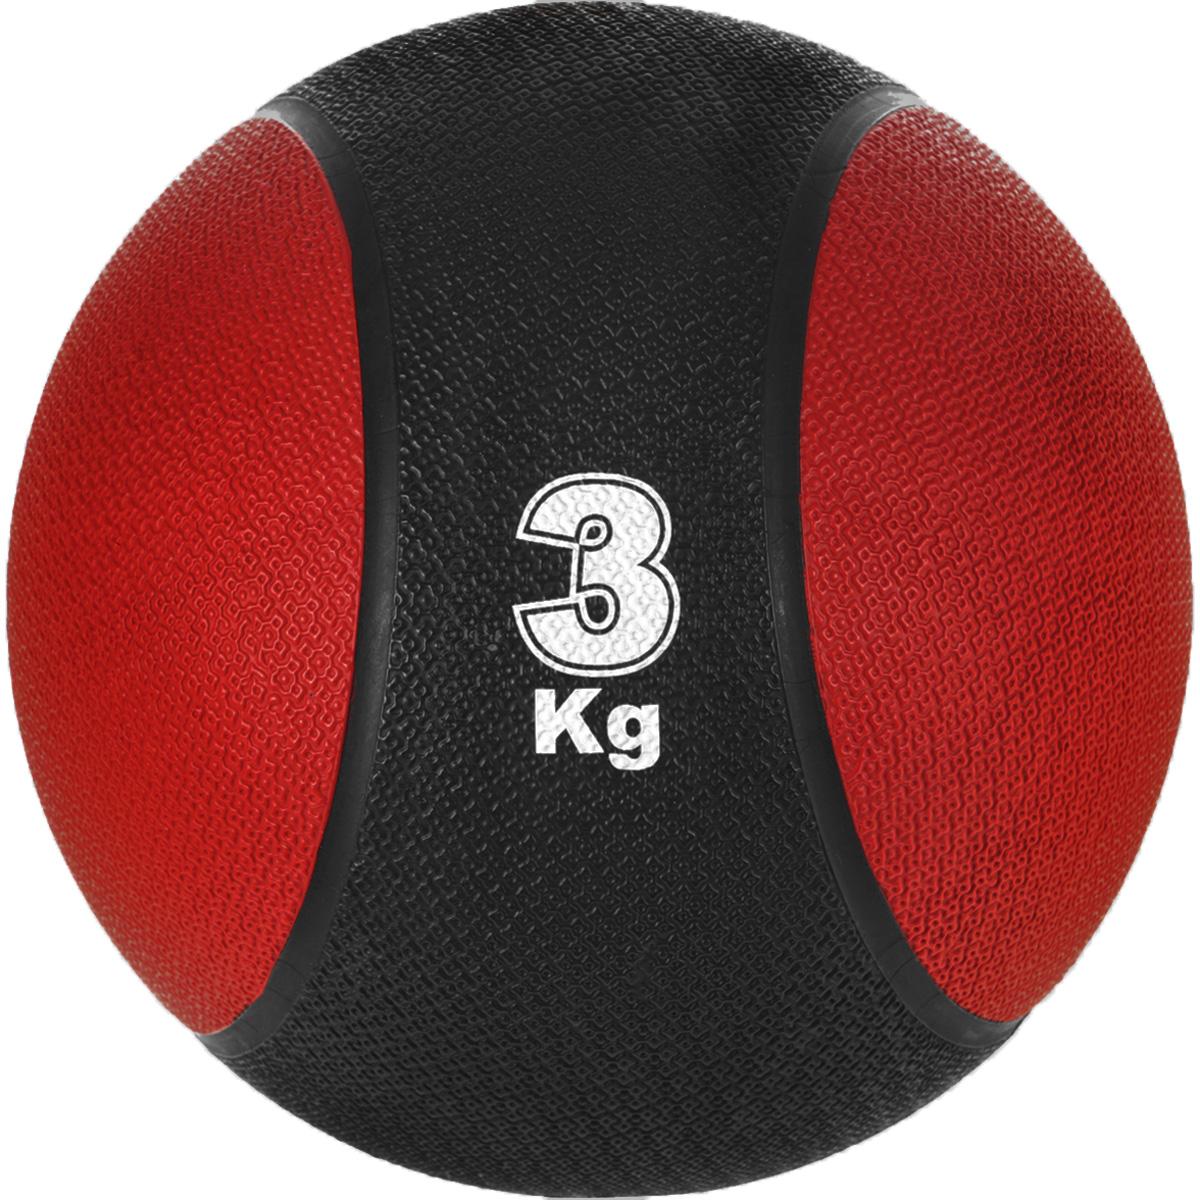 Медицинбол Start Up MBR3, цвет: черный, красный, 3 кг, 22 см мяч футбольный для отдыха start up